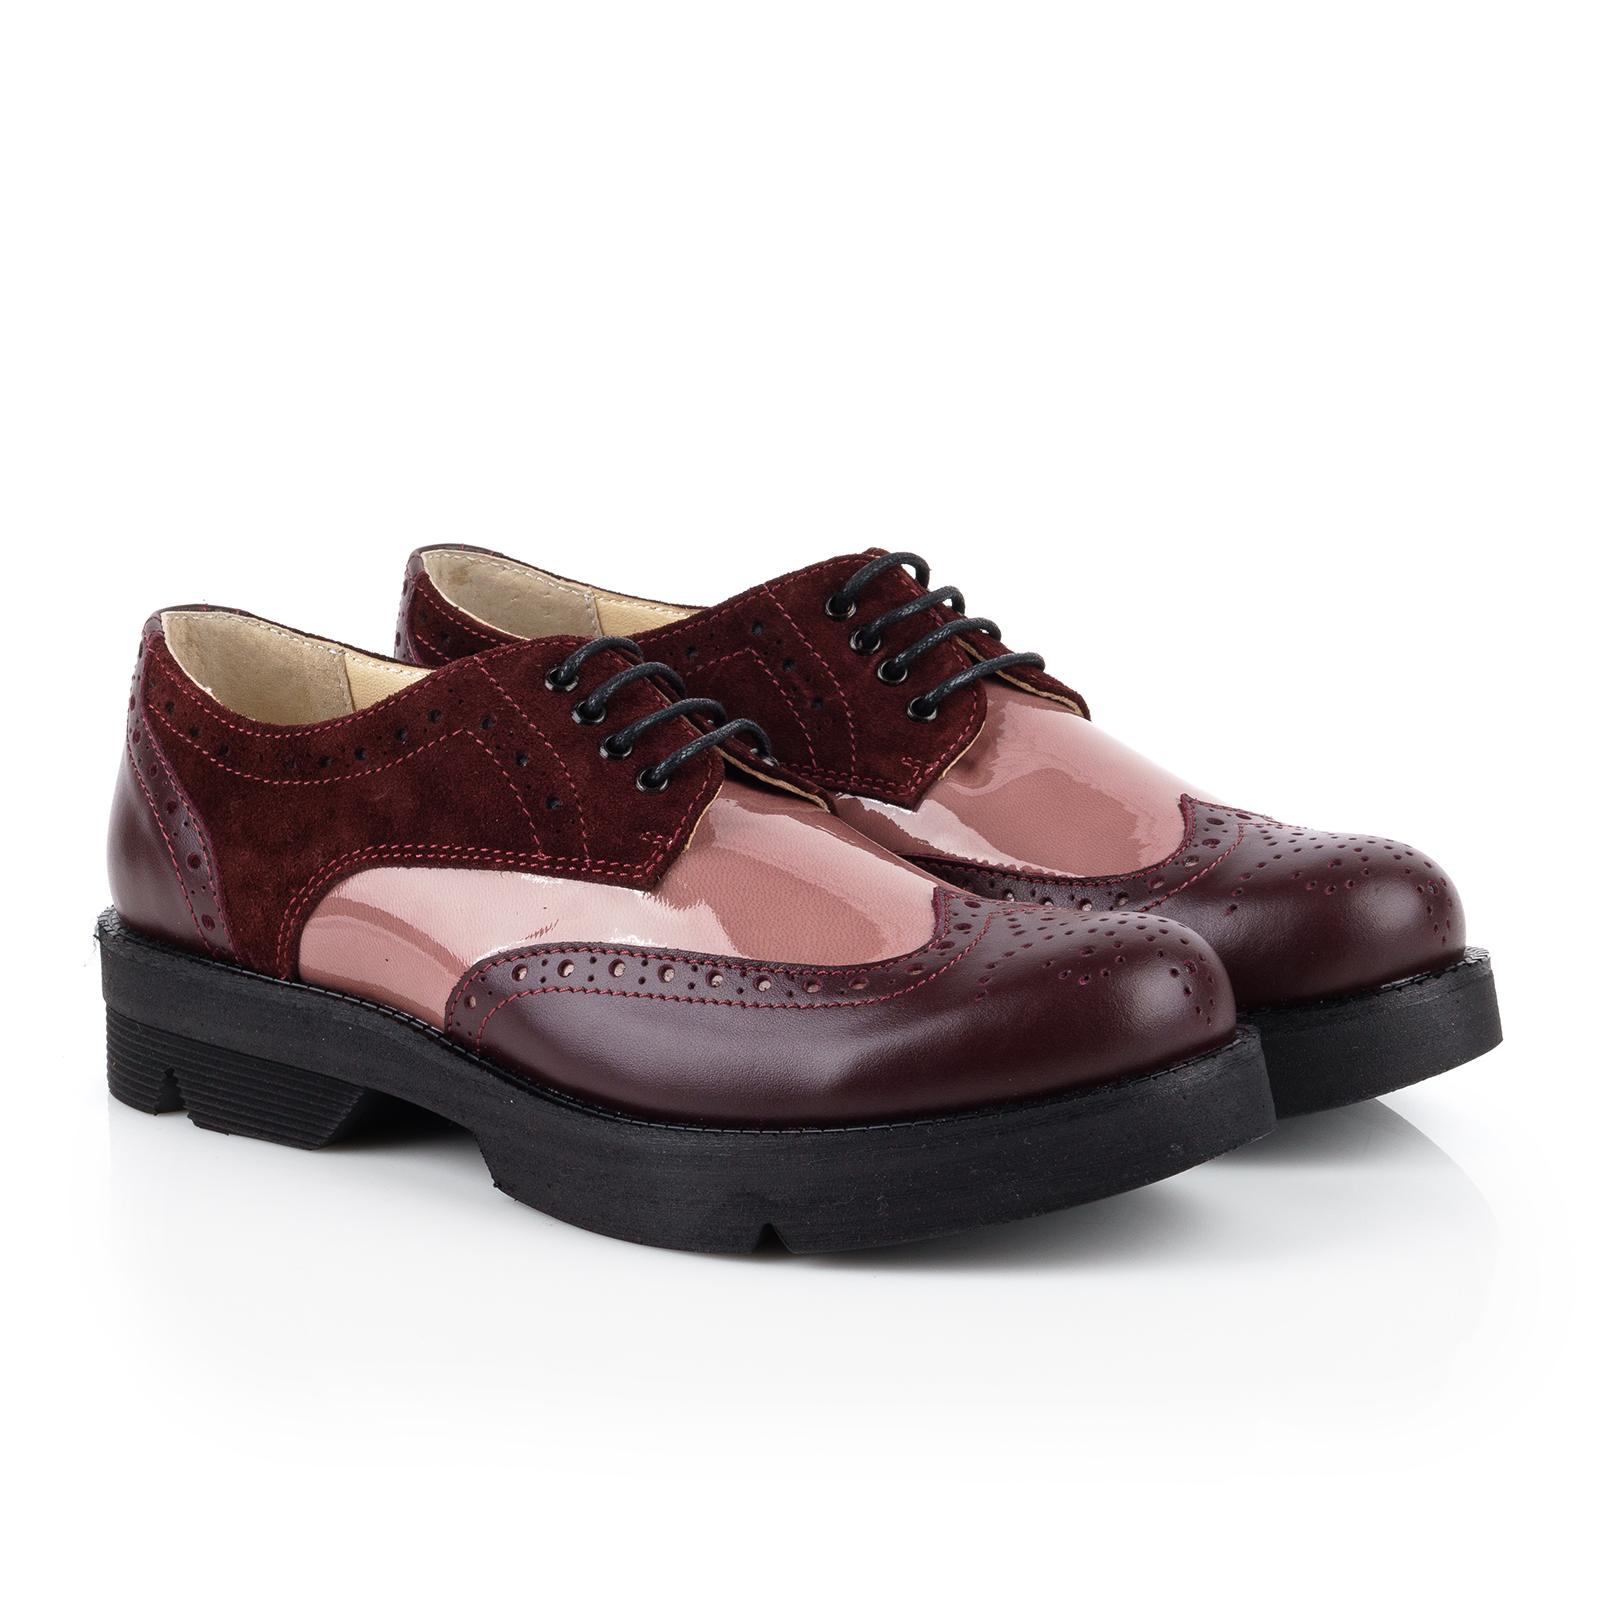 Туфли женские Туфли Фрида кожаные бордовые с розовыми вставками 100103 выбрать, 2017